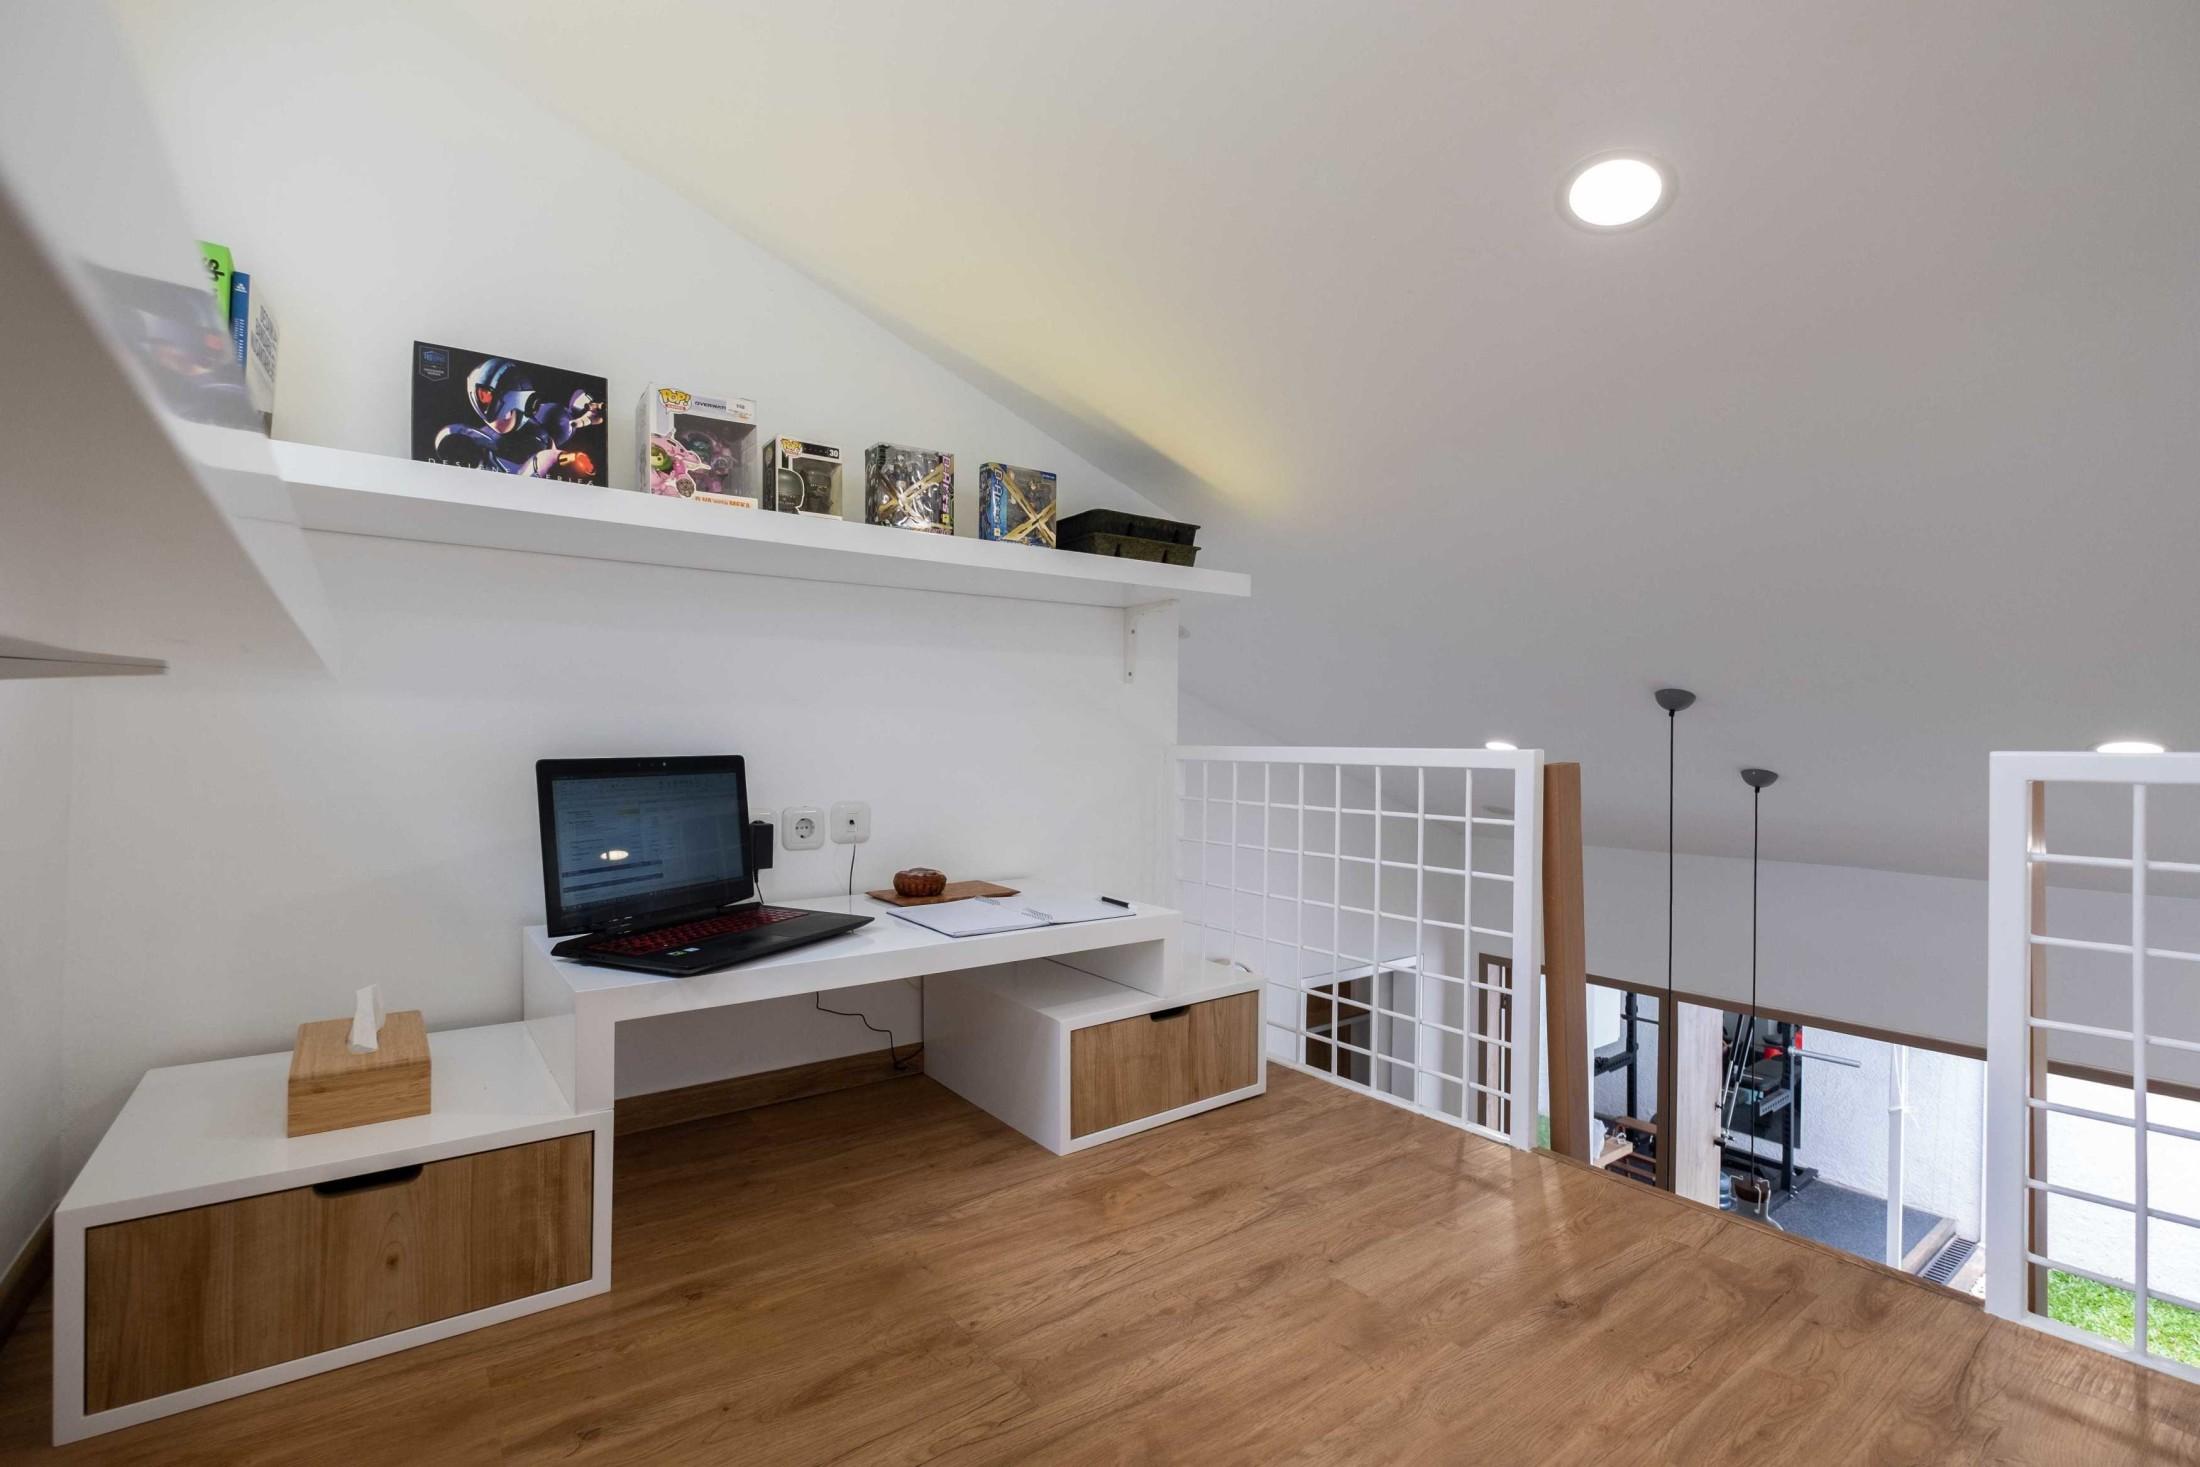 Aksioma Design & Construction dan Fiano berhasil membuktikan bahwa rumah mungil tidak selamanya sempit, sederhana, atau standar. Sebaliknya, mereka berhasil menciptakan desain interior rumah mungil yang hemat ruang, namun tetap tampil gaya.